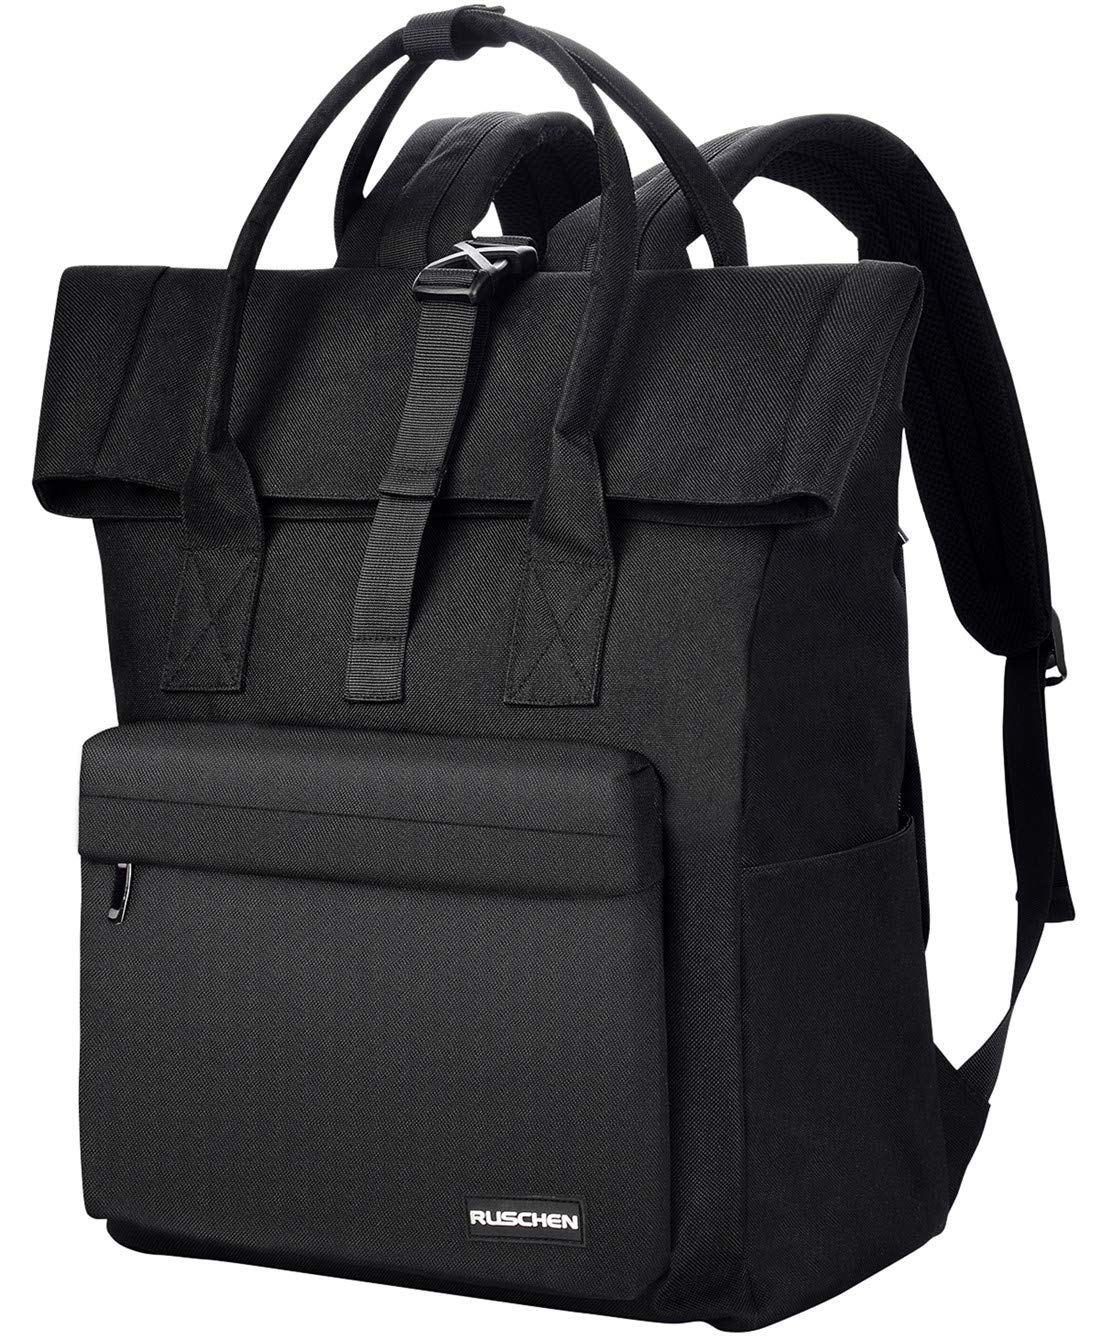 Ruschen Rucksack Damen Herren/Business Rucksäcke aus reißfestem Polyestergewebe